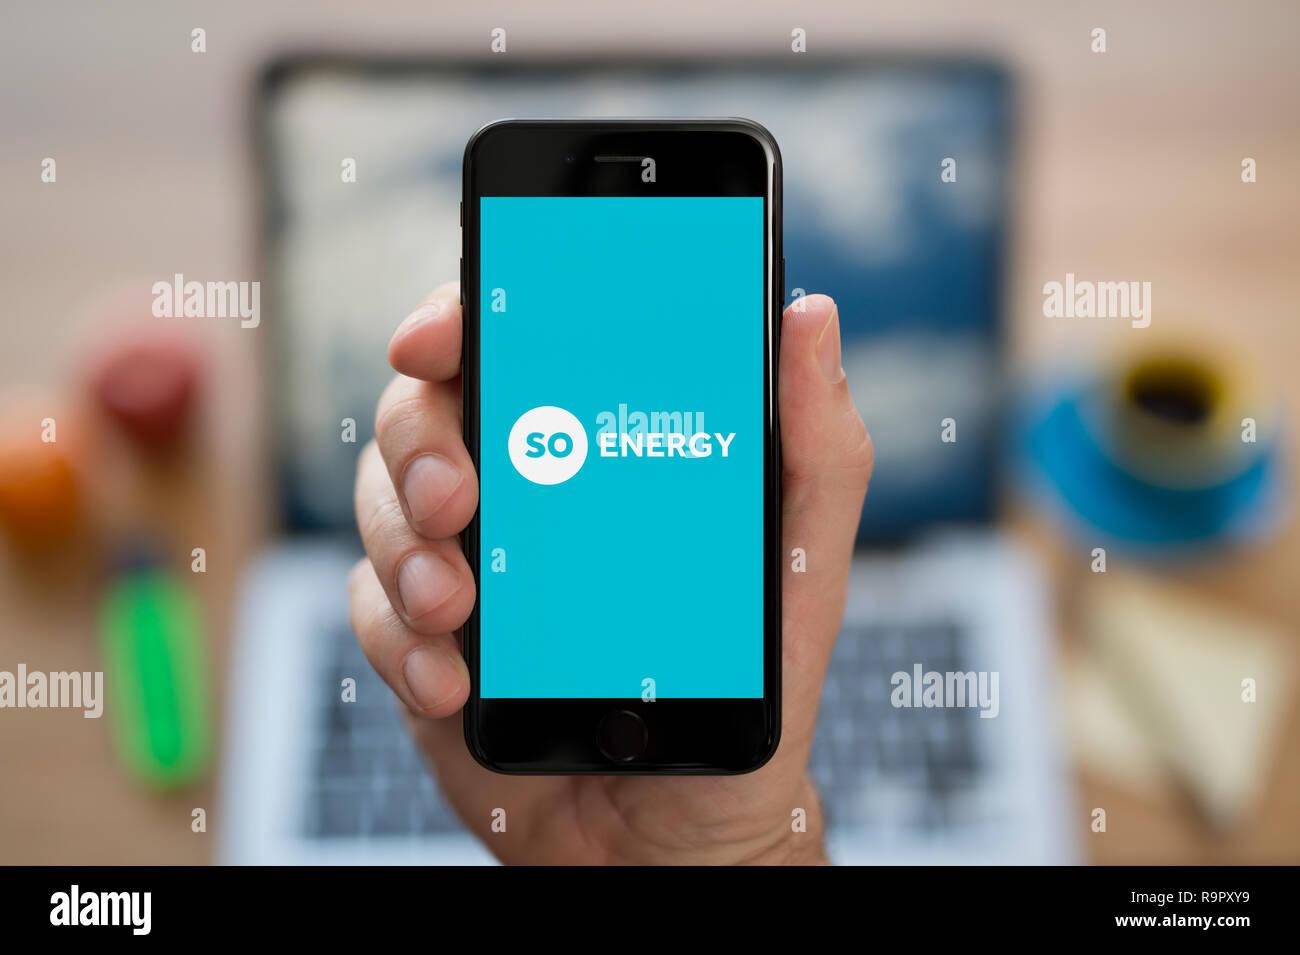 Un hombre mira su iPhone que muestra el logotipo de Energía (uso Editorial solamente). Imagen De Stock